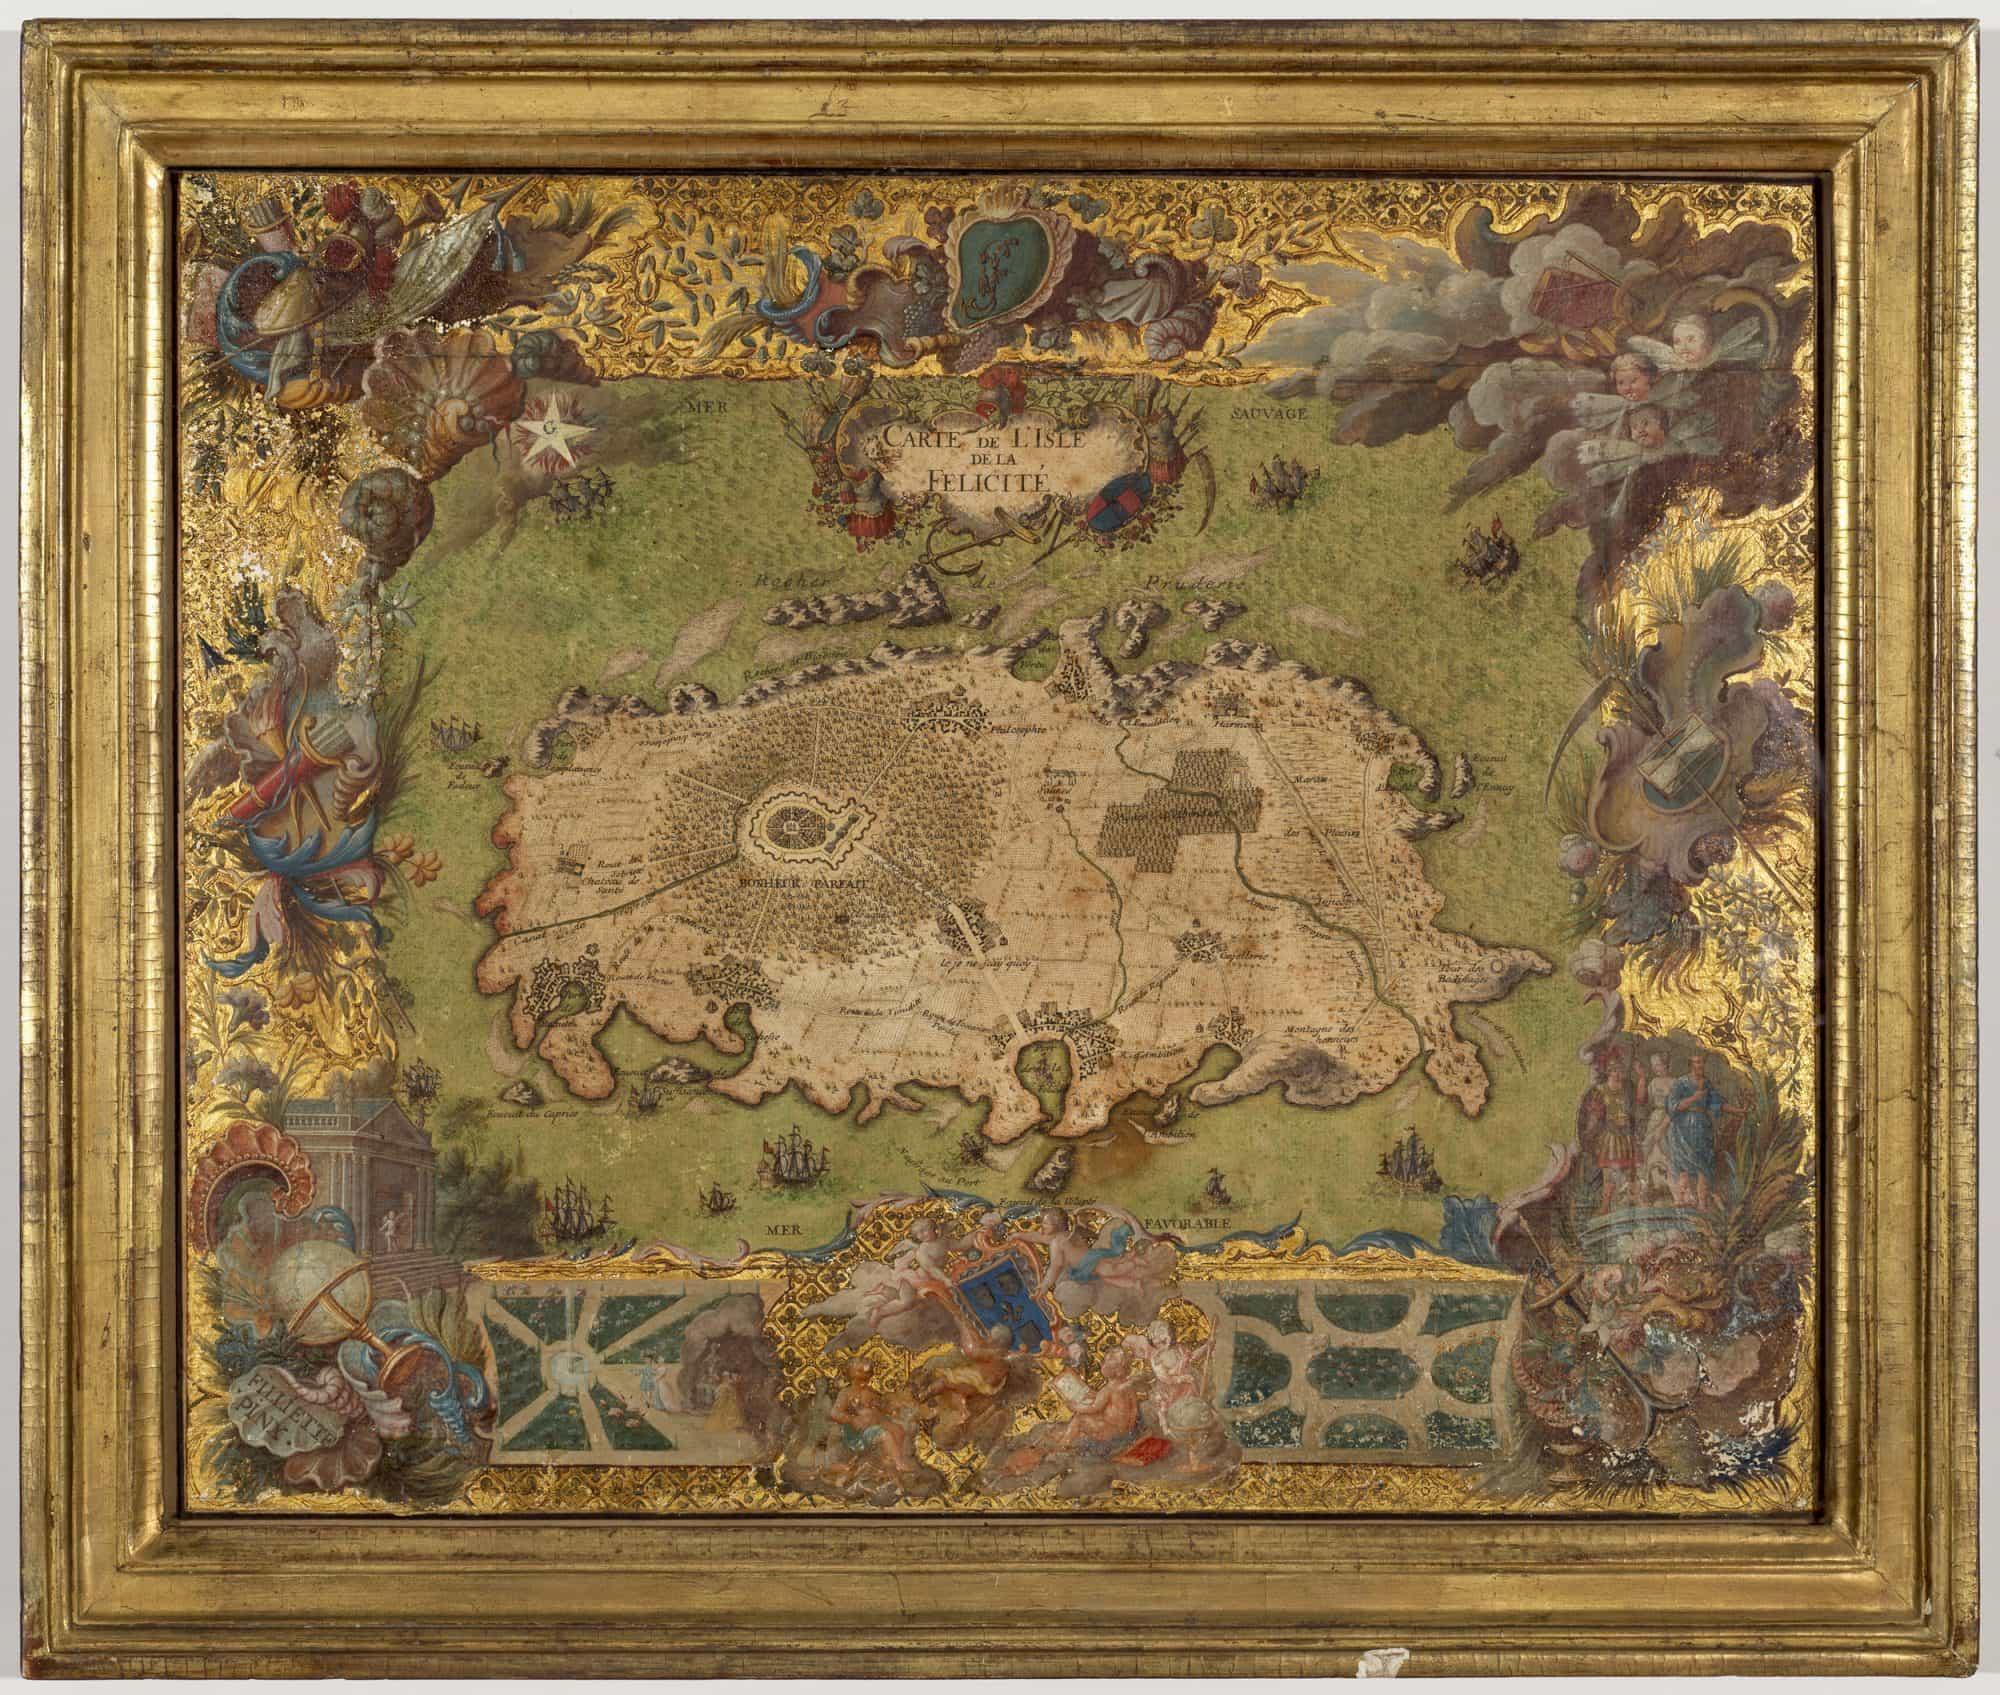 """Jean-Martin Weis: """"Carte de l'Isle de la Félicité"""" (1743)."""